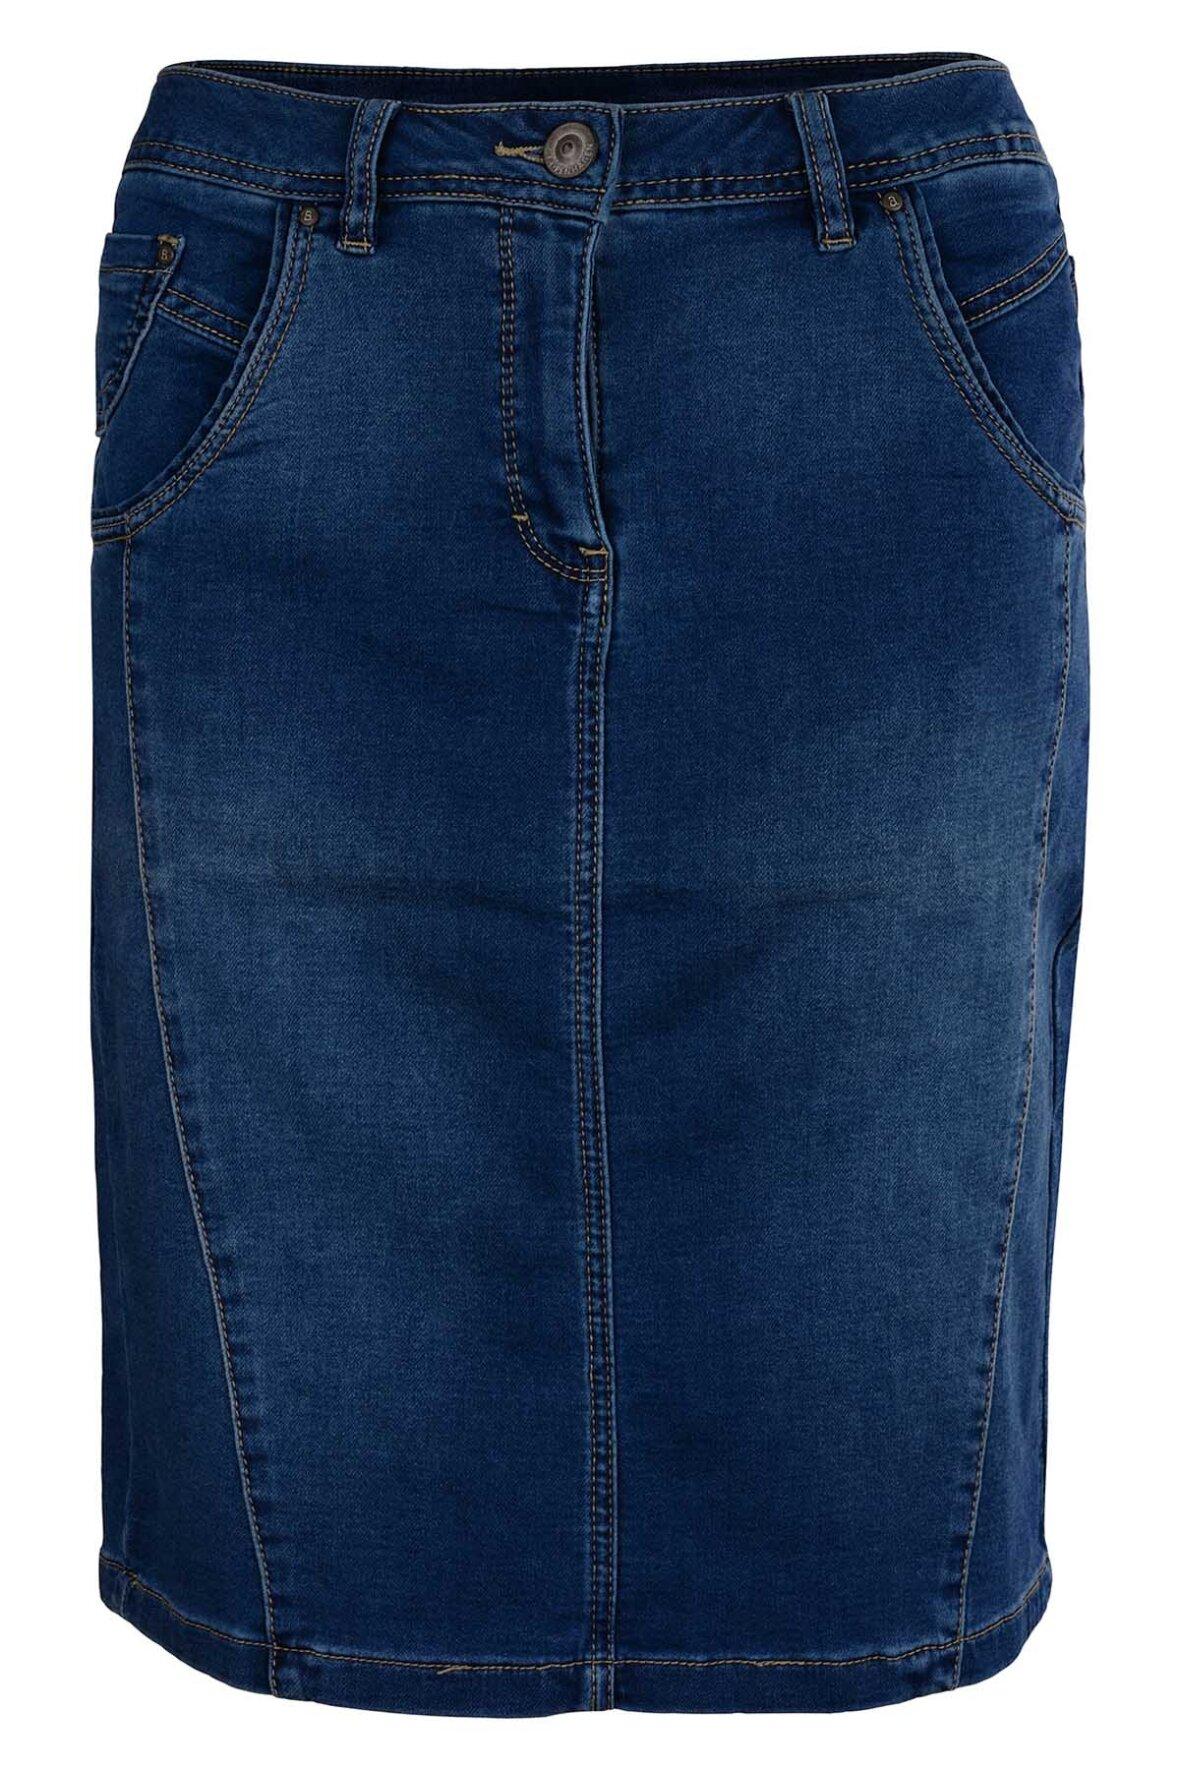 12a37c249 Brandtex Classic Skirt Nederdel i denim - Hos Lohse